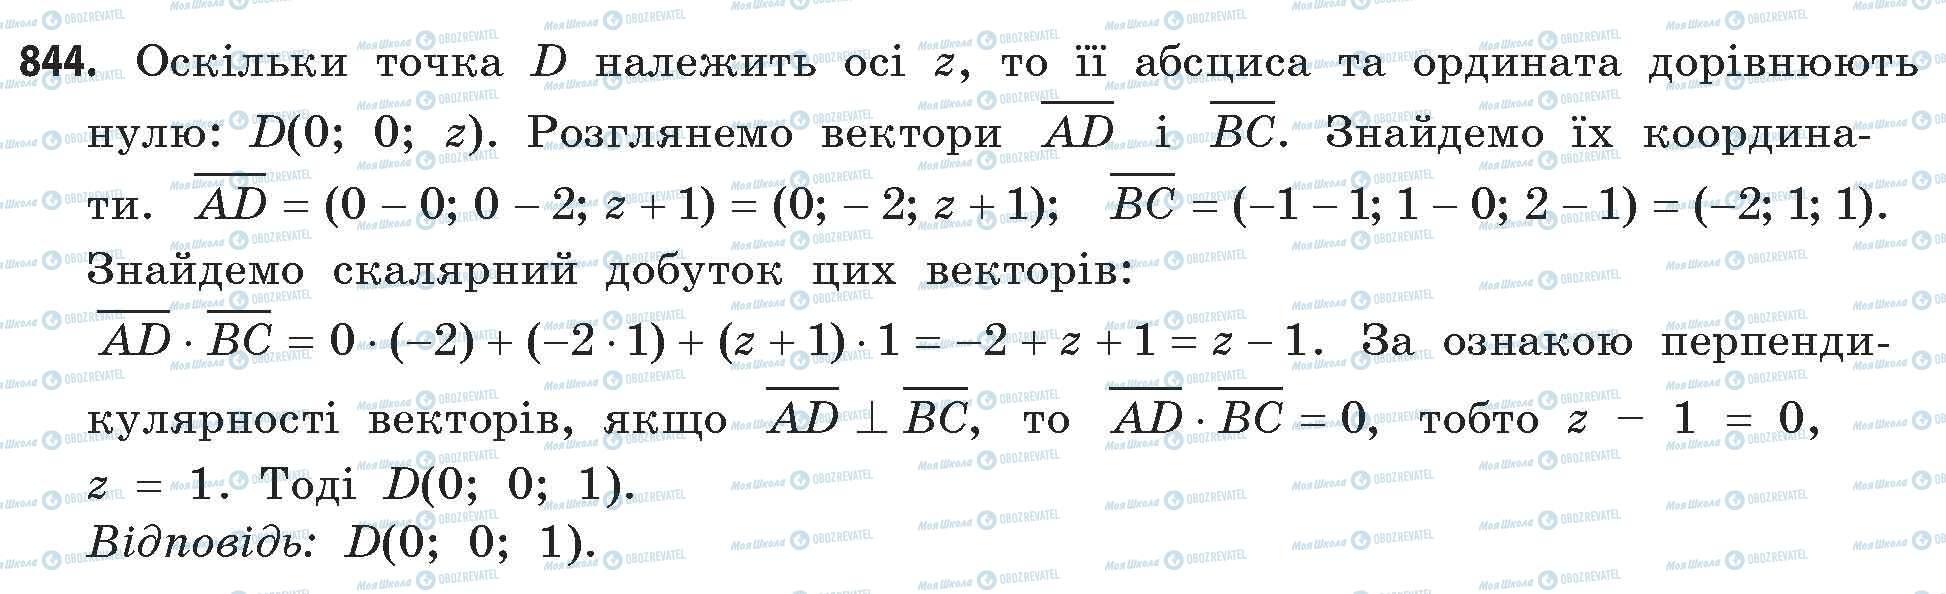 ГДЗ Математика 11 класс страница 844